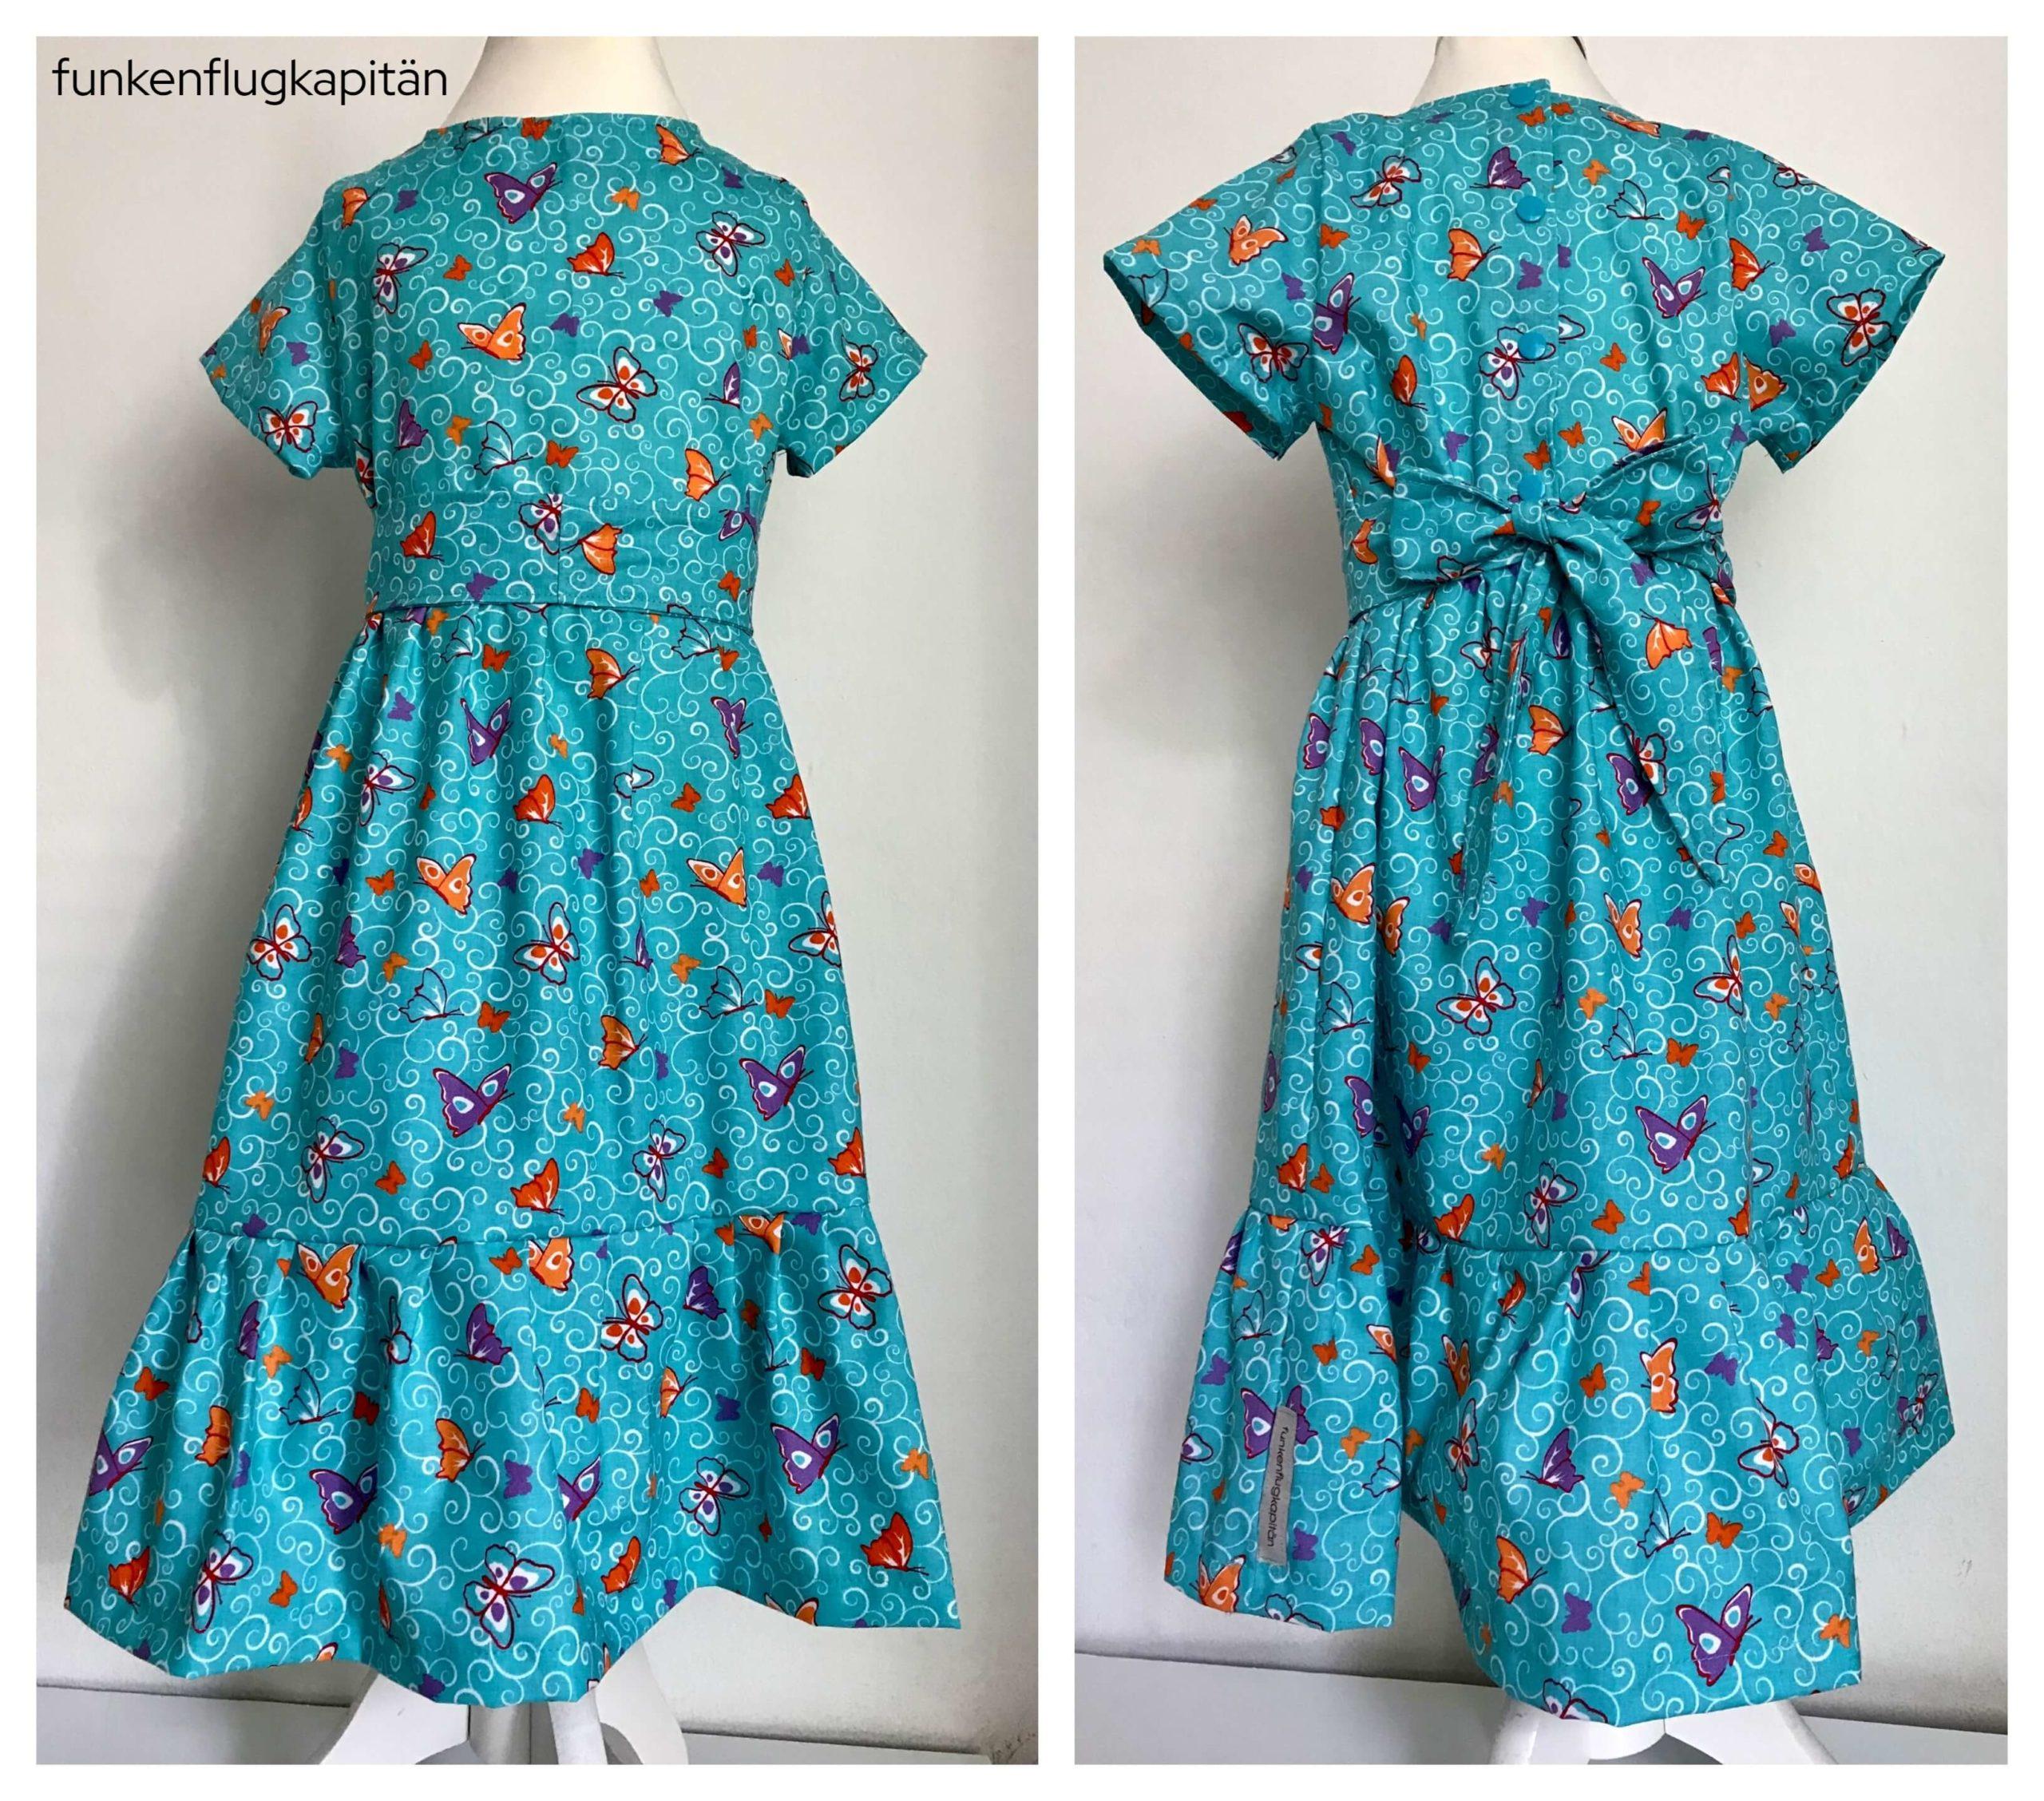 Girls Party Dress Jessy Sewing Baumwolle Blau Schmetterlinge